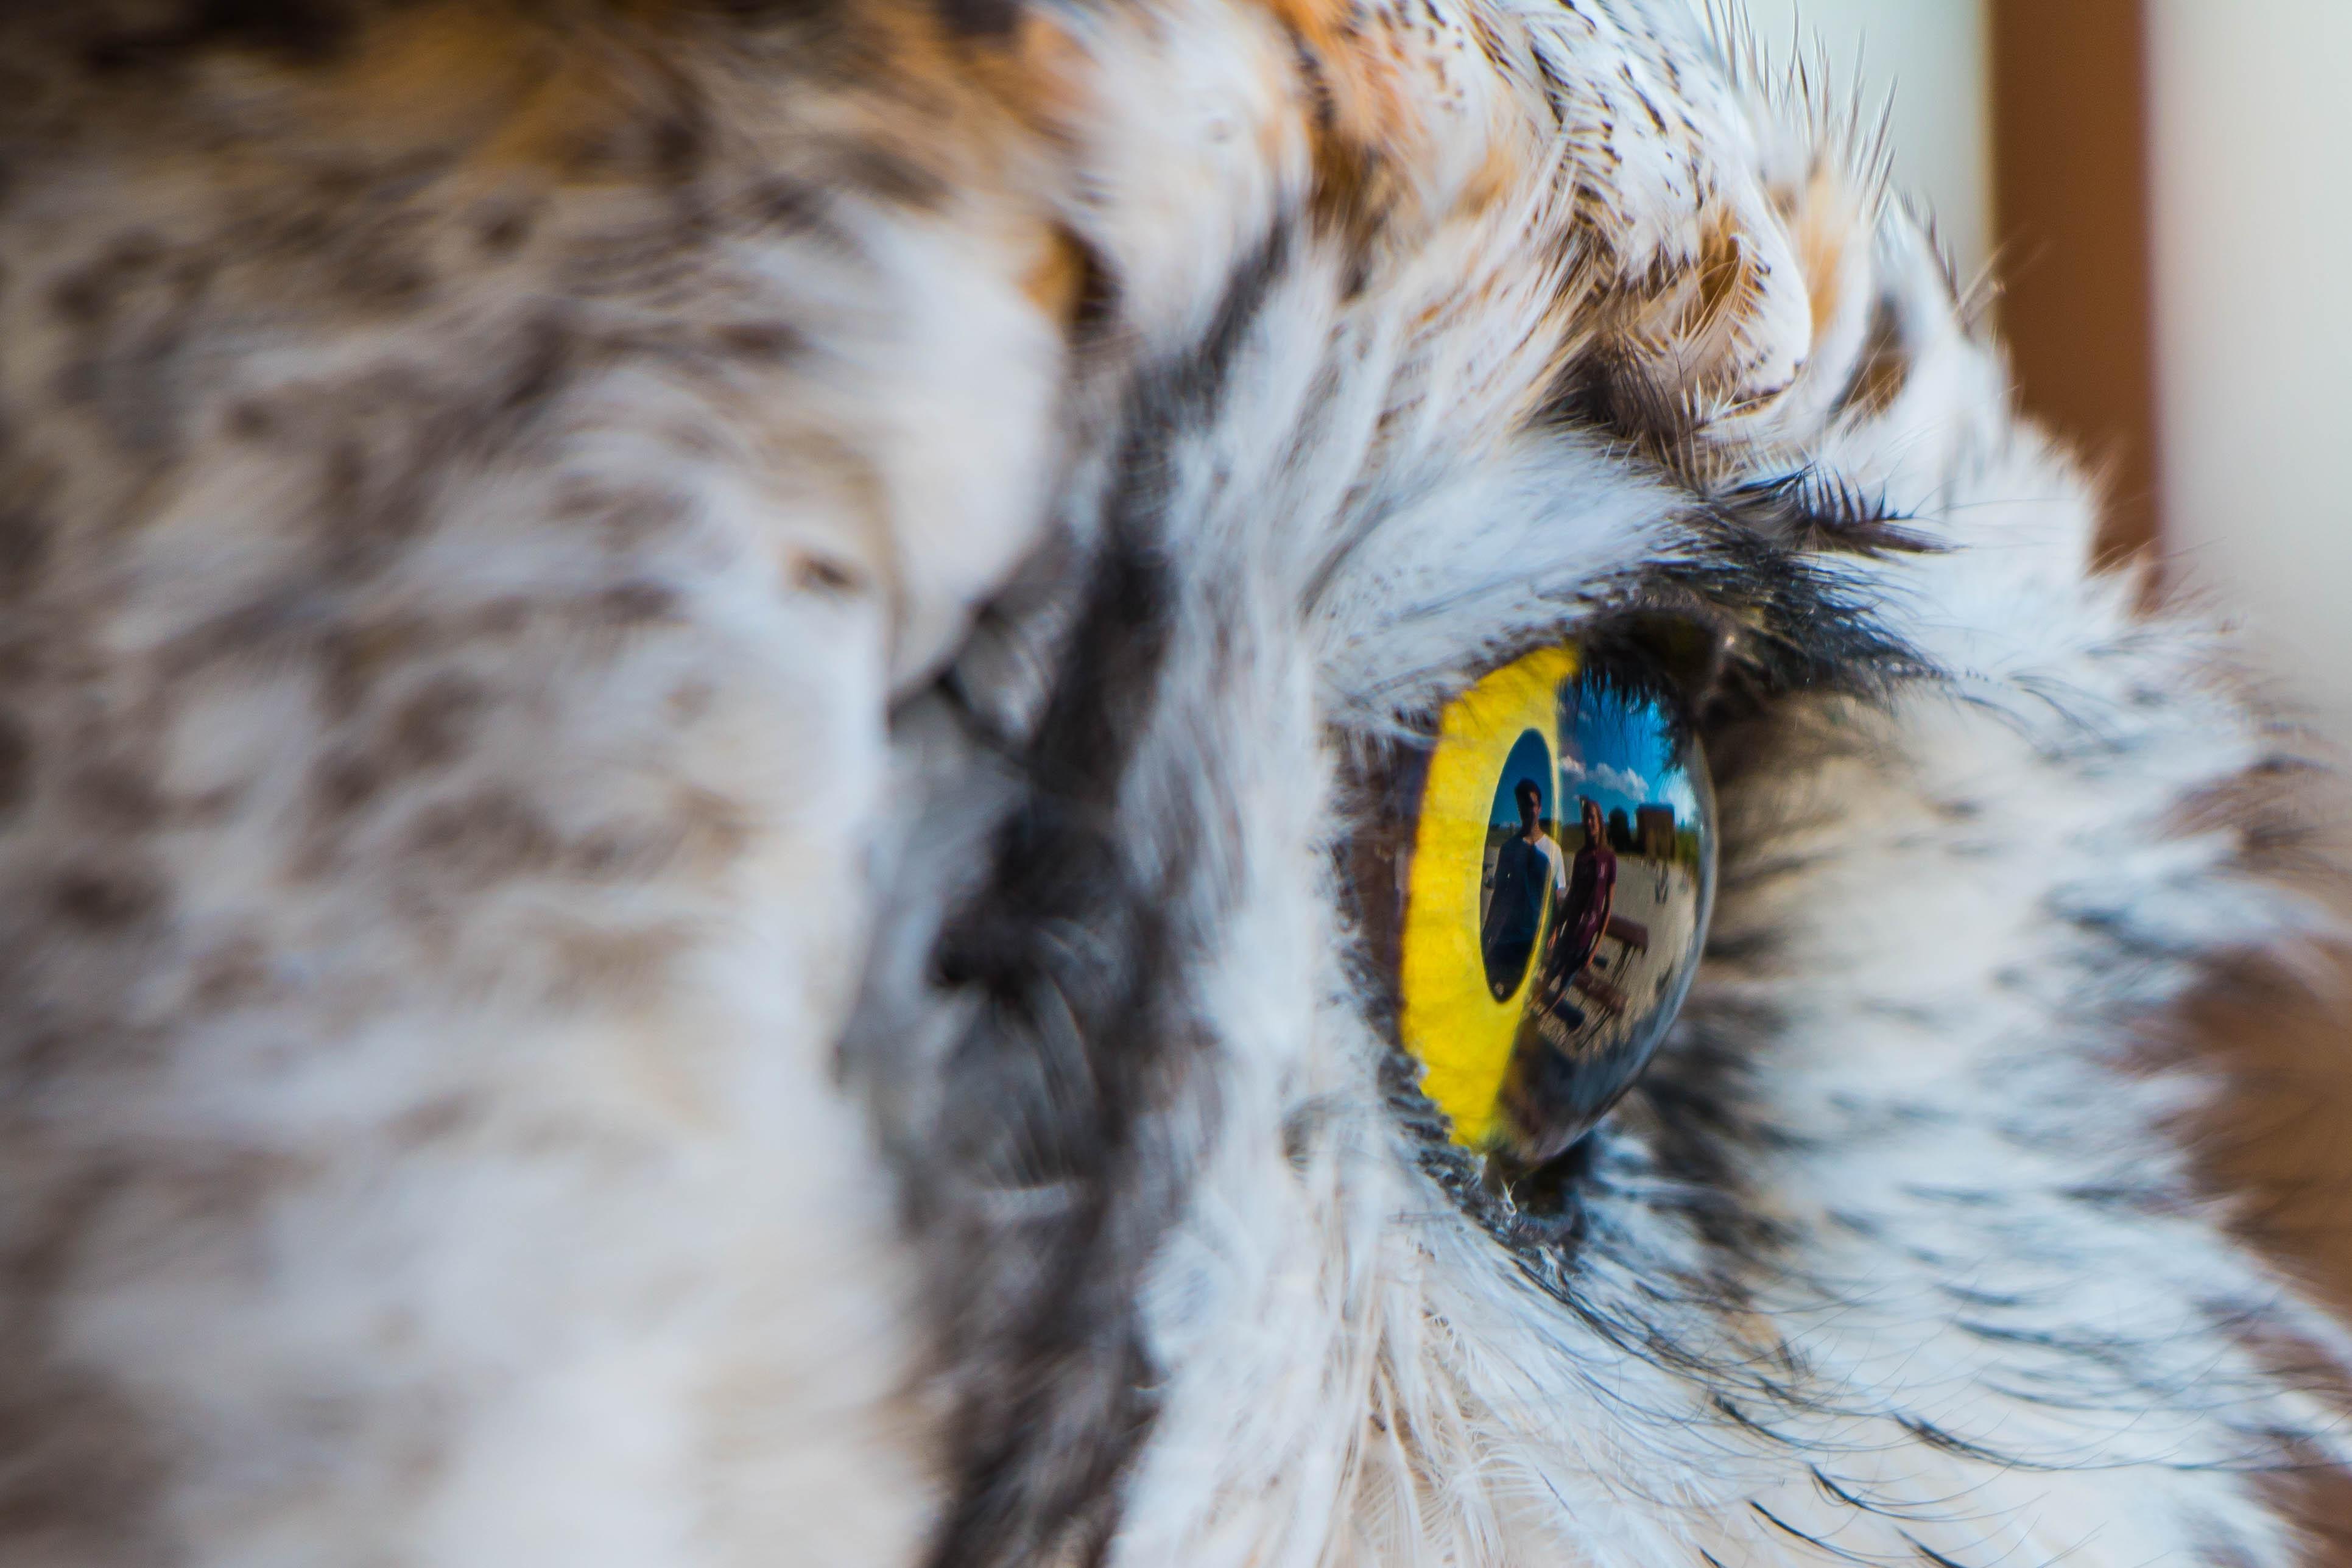 Auge Wie Glaskuppe Mit Spiegel Makrotreff